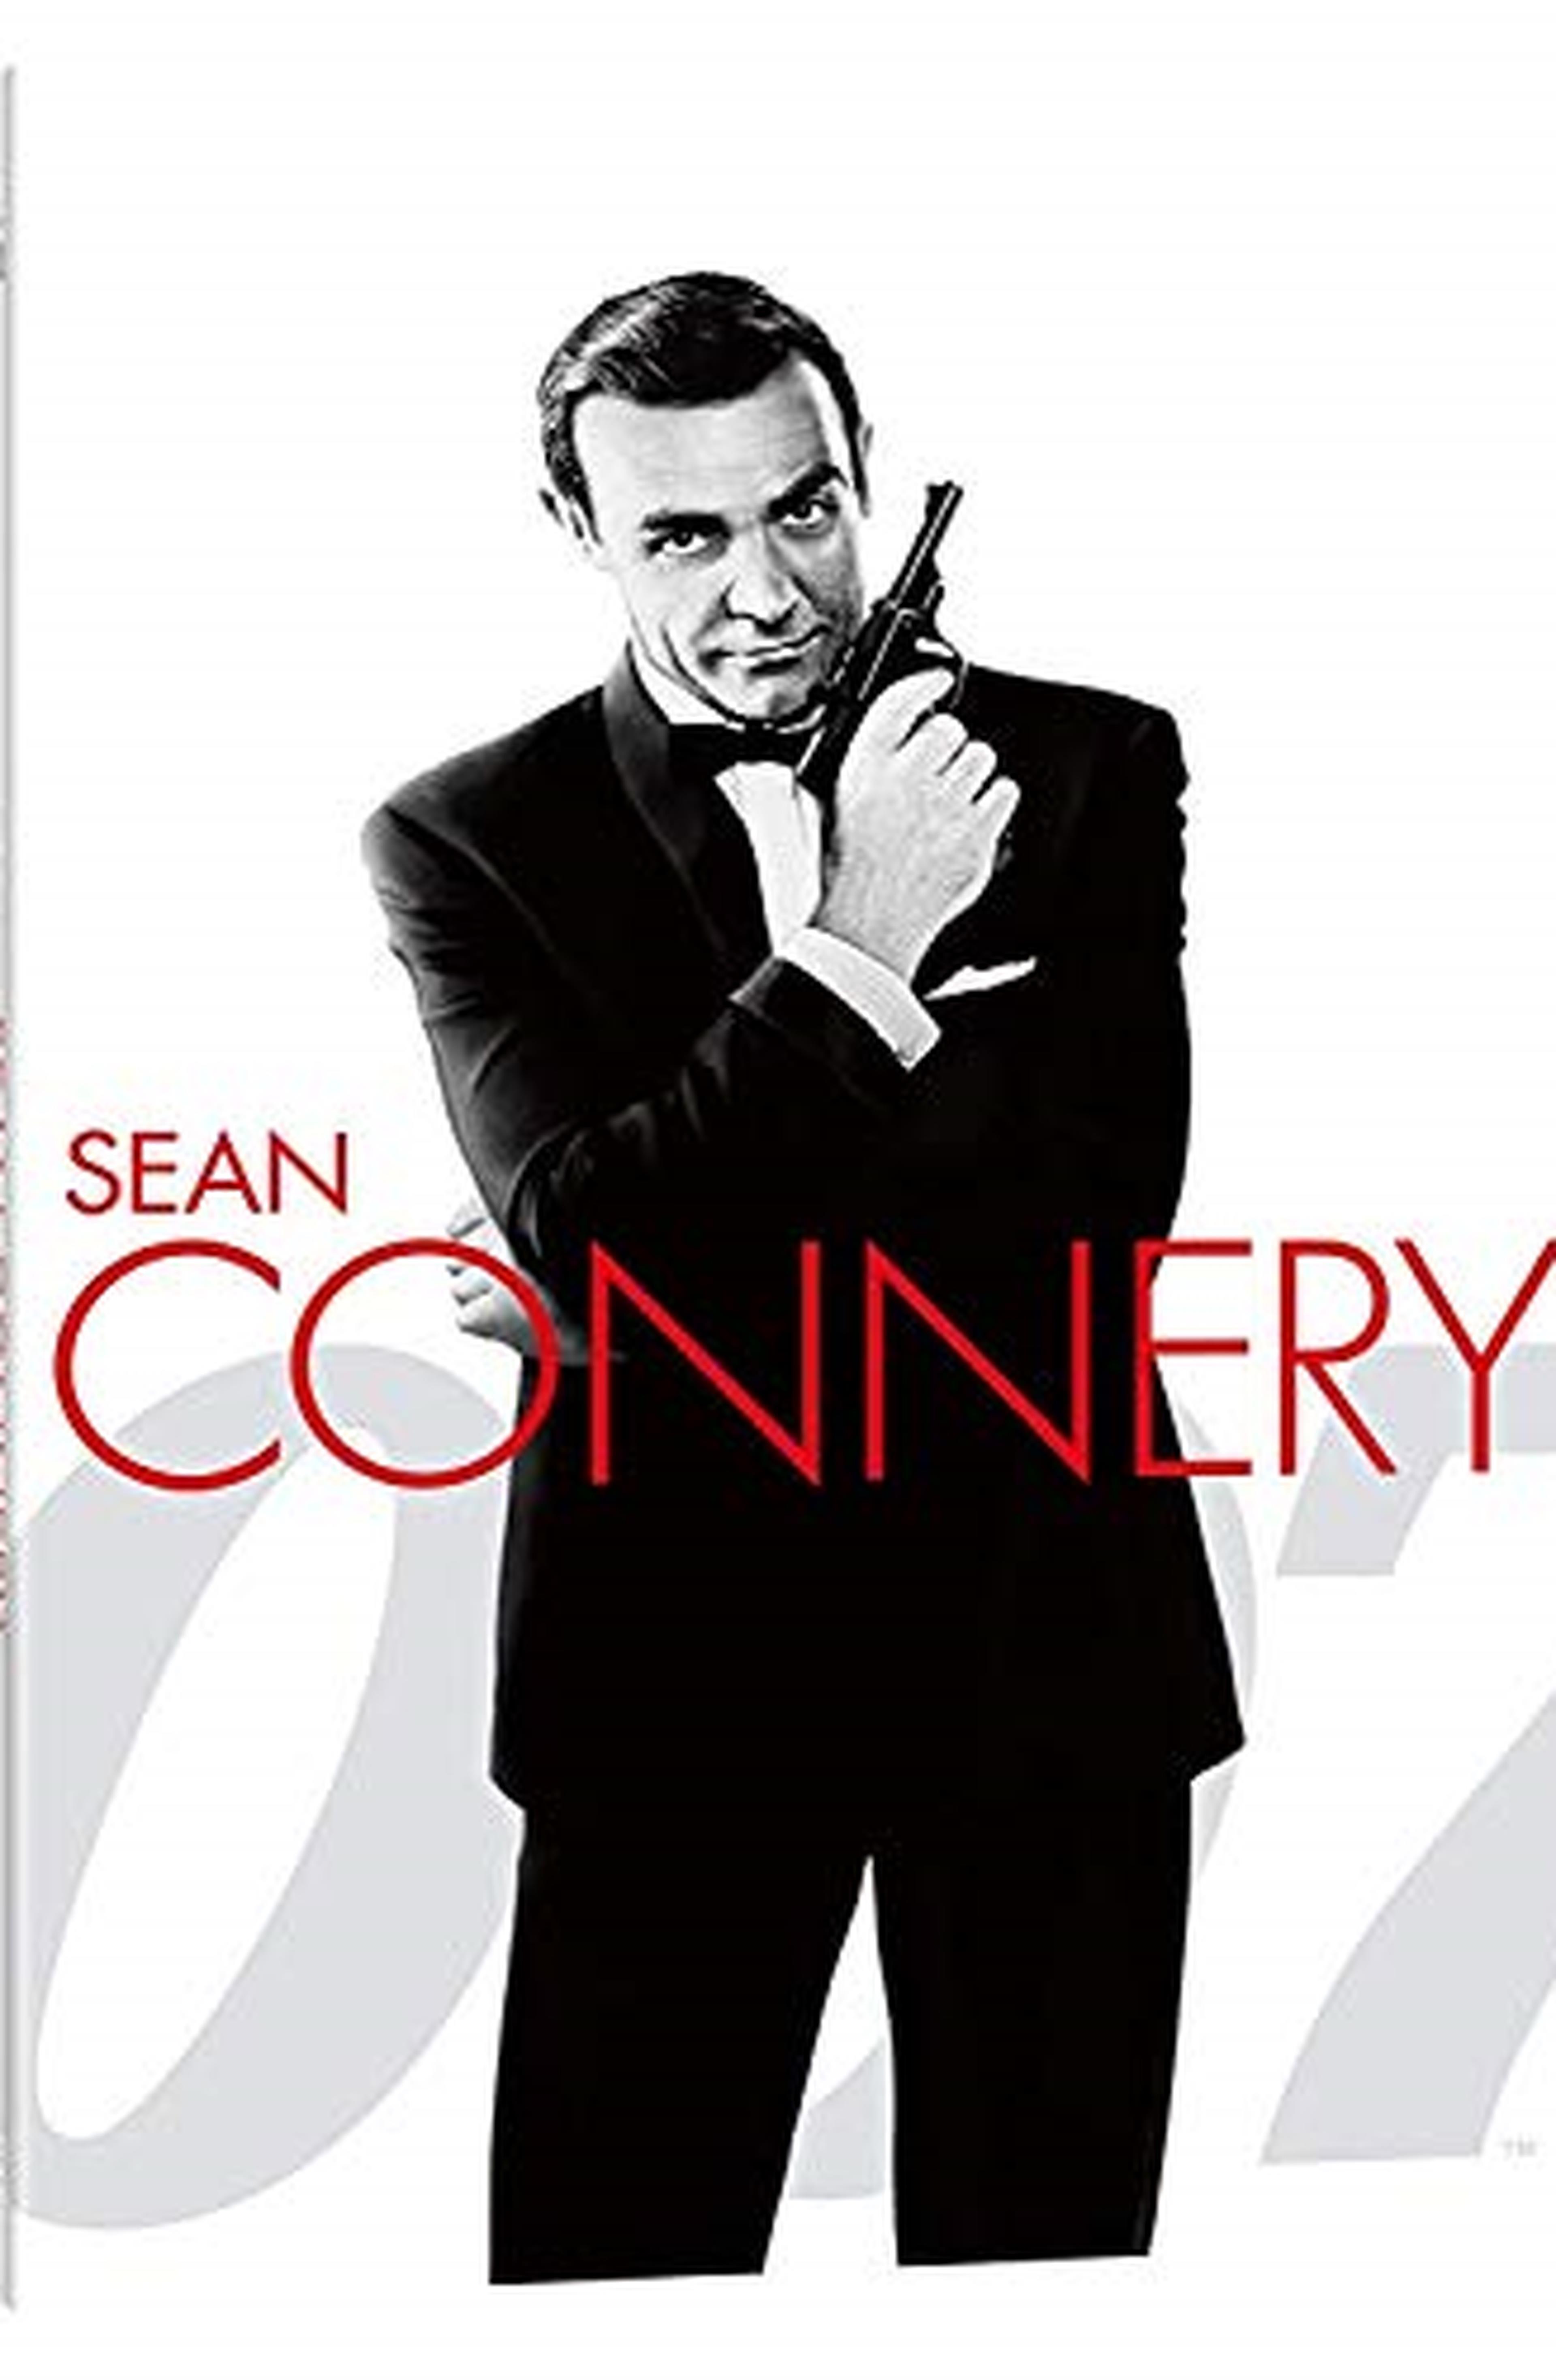 007: James Bond - Sean Connery Collection (6 DVD)